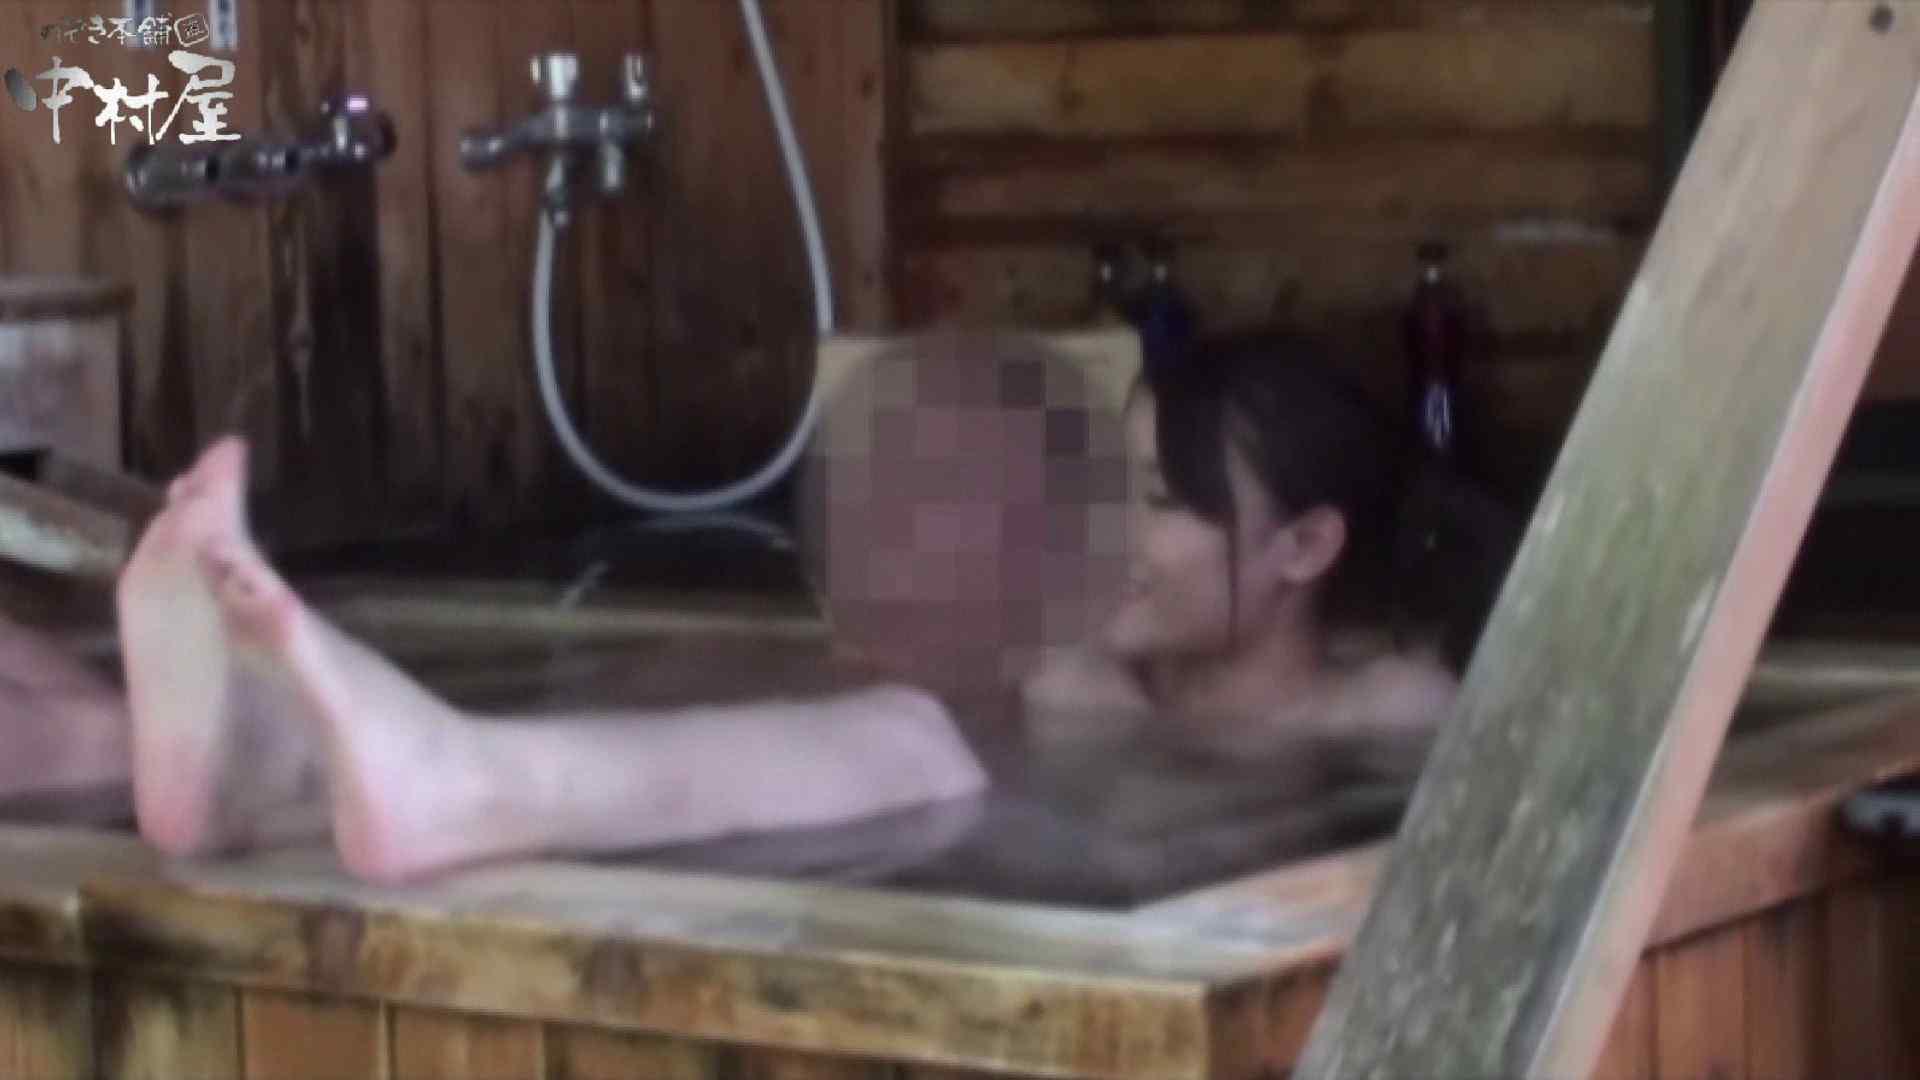 貸切露天 発情カップル! vol.04 露天   入浴  96pic 12